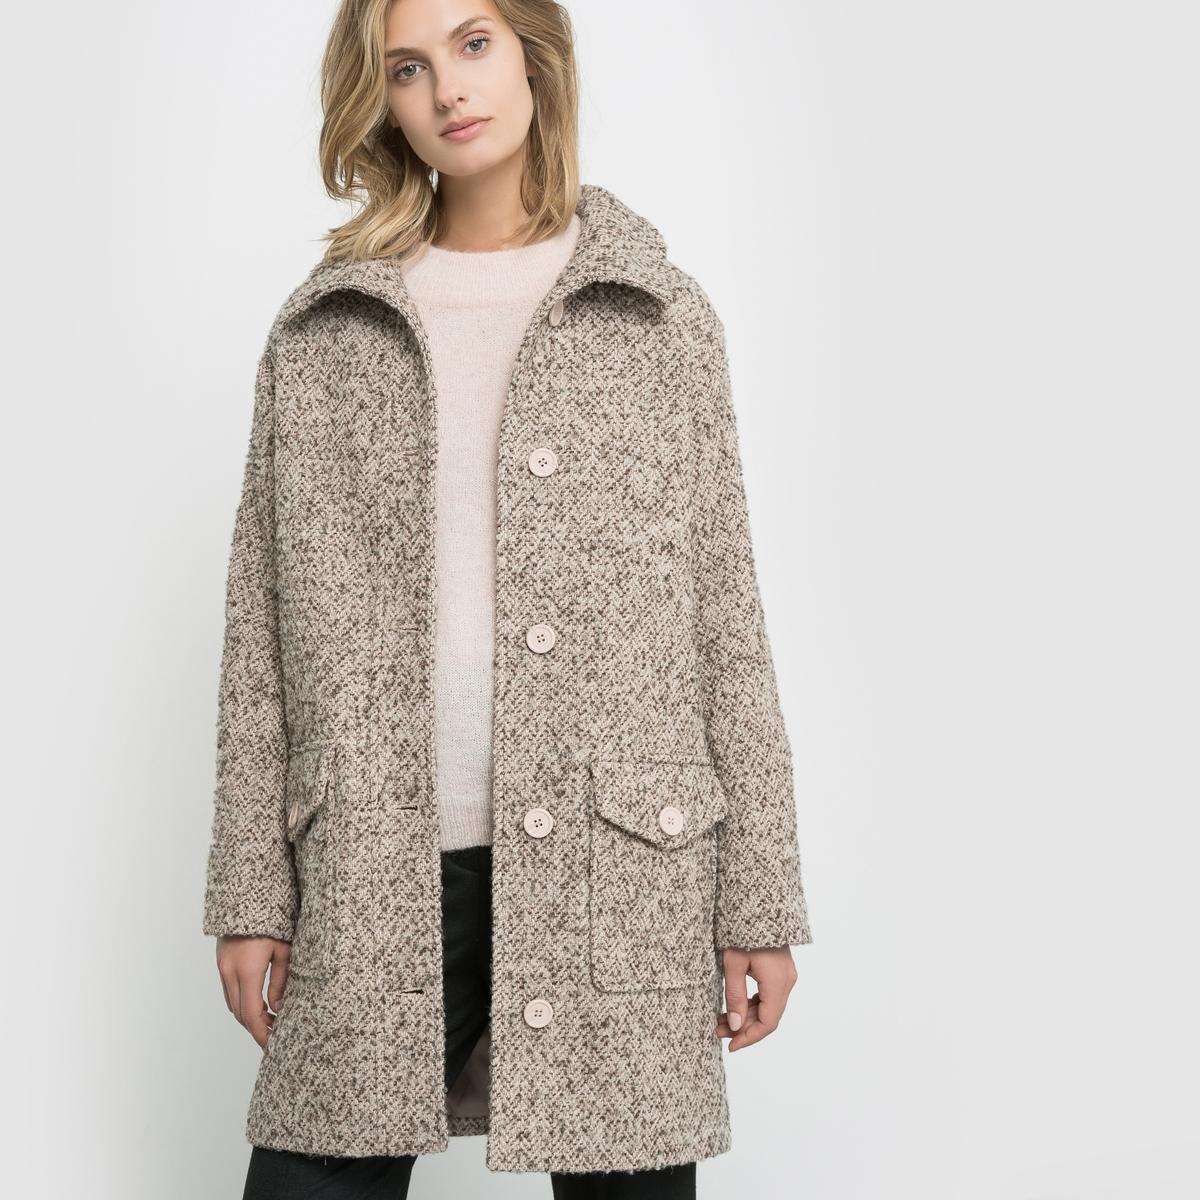 Abrigo de rizo en tejido tweed